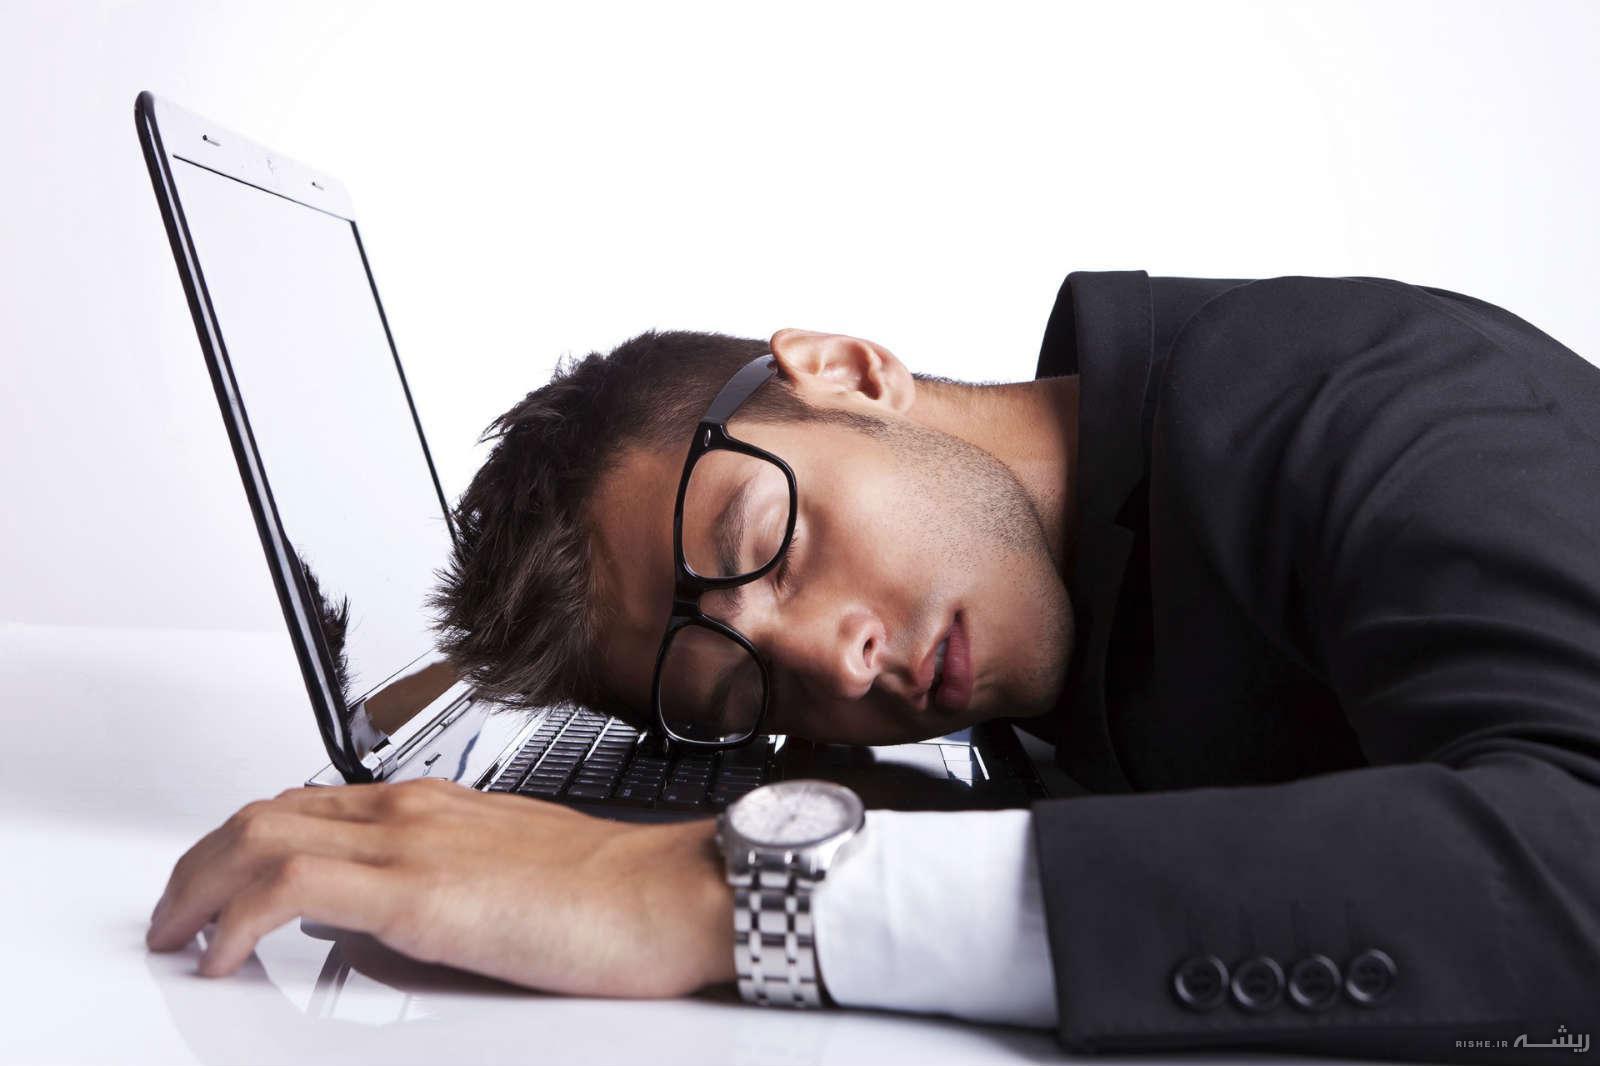 راهکاریی برای مبارزه با خستگی بعدازظهر